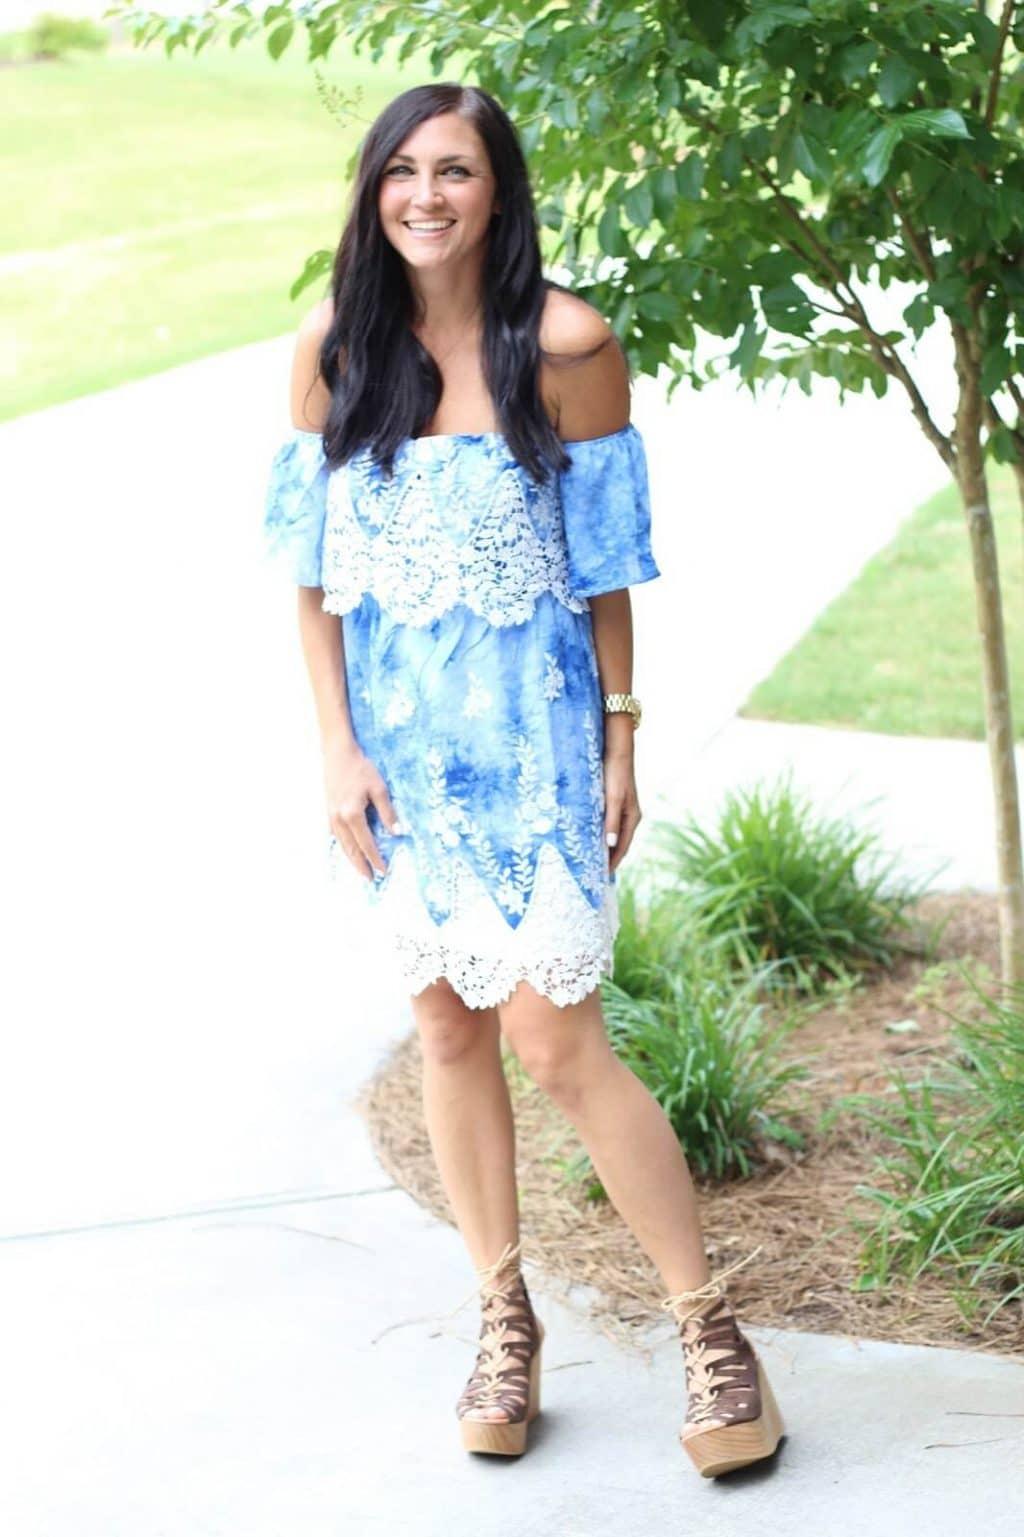 Blue Crochet off shoulder dress, lace up wedges